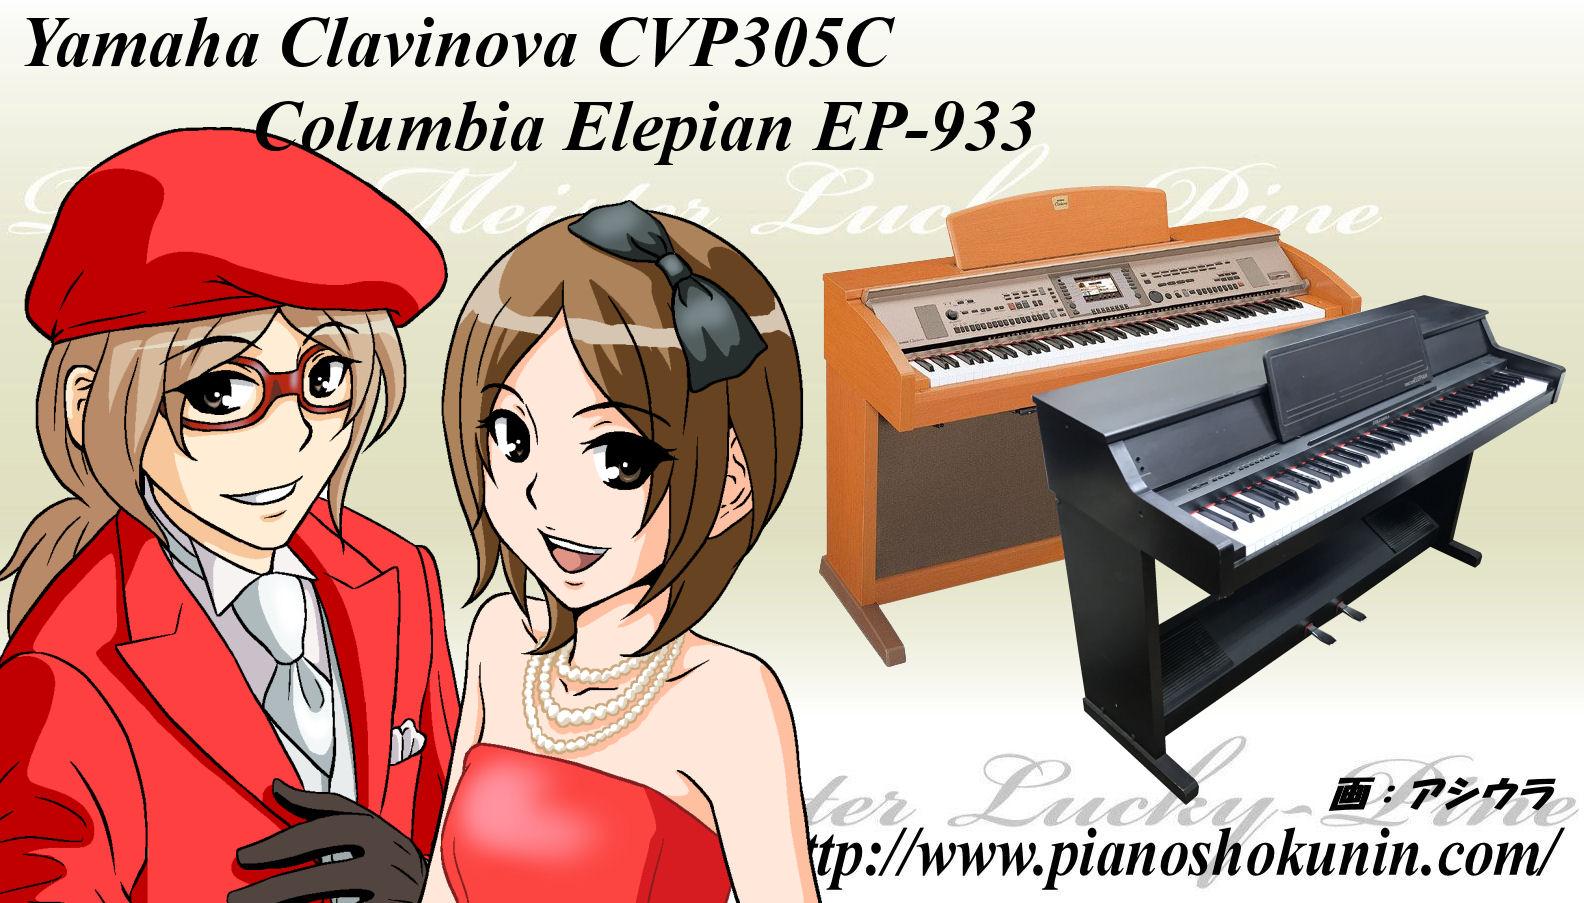 Columbia EP-933 Yamaha CVP305C